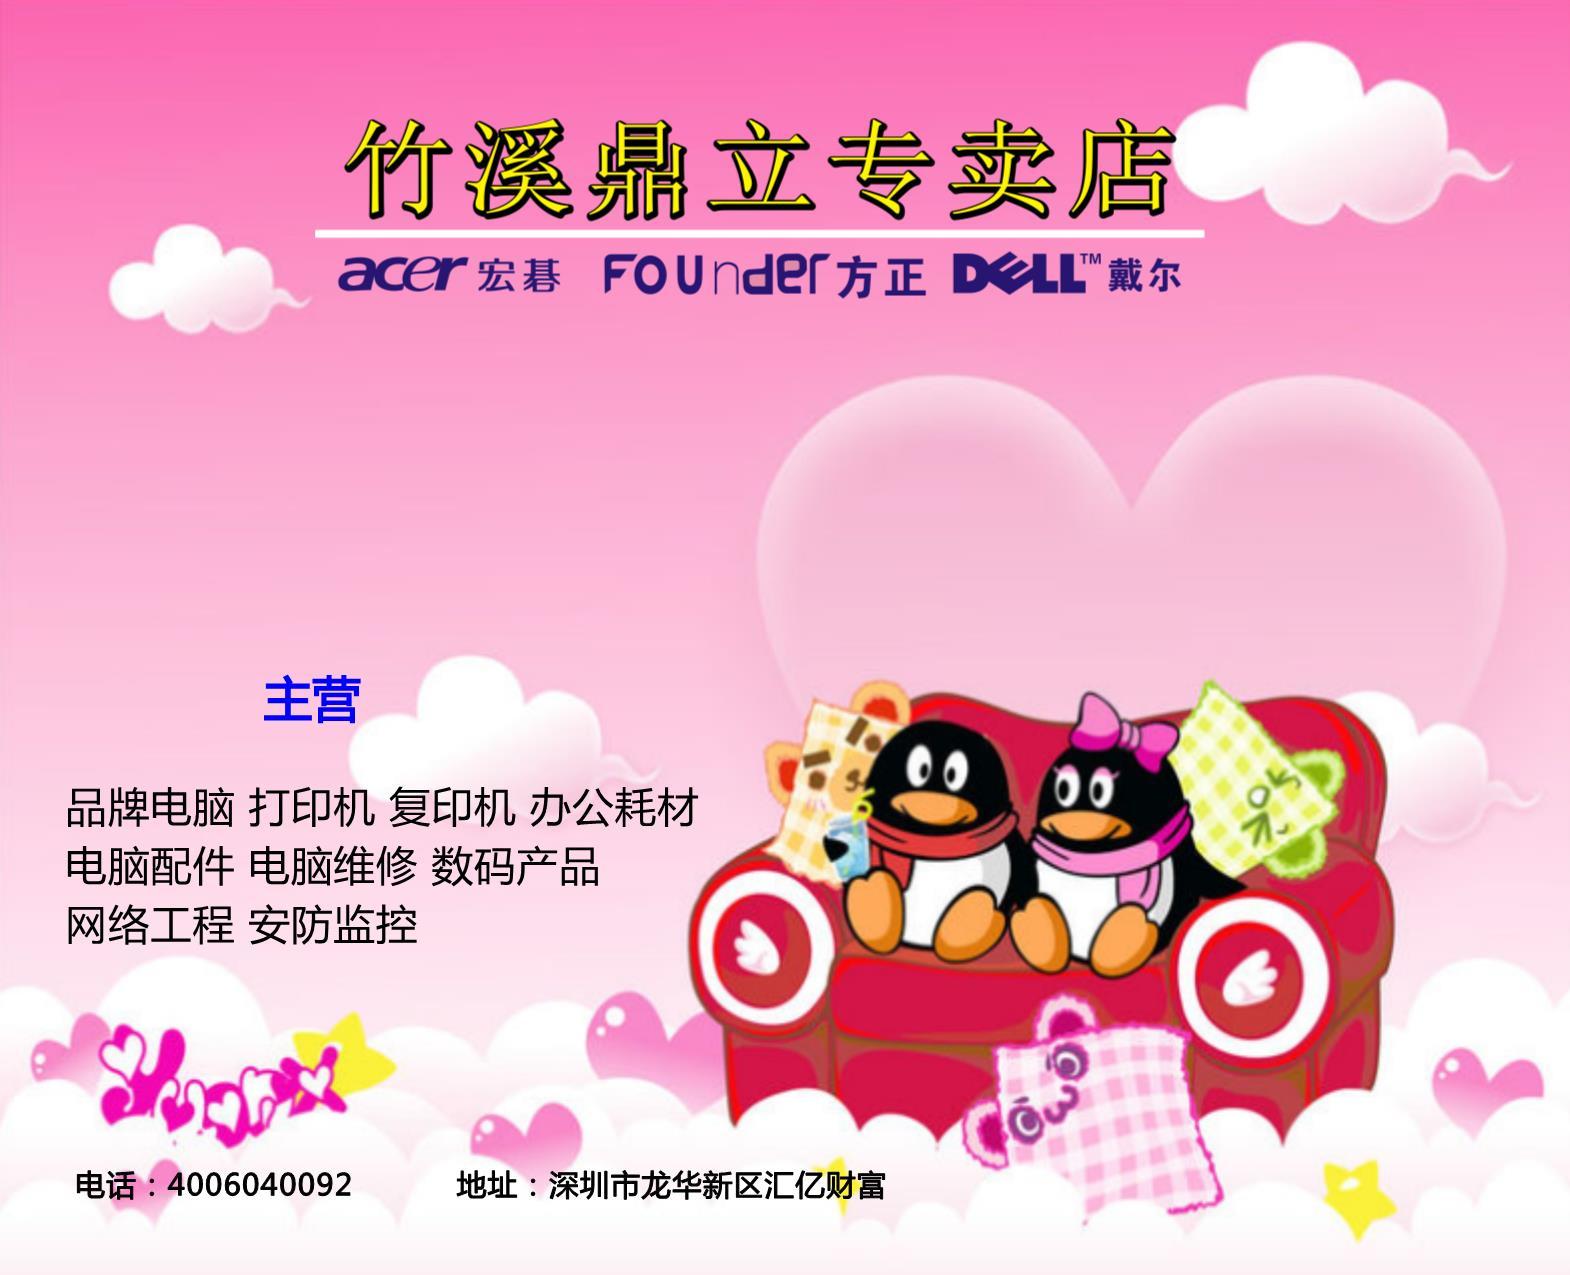 粉红色电脑专卖店广告宣传鼠标垫